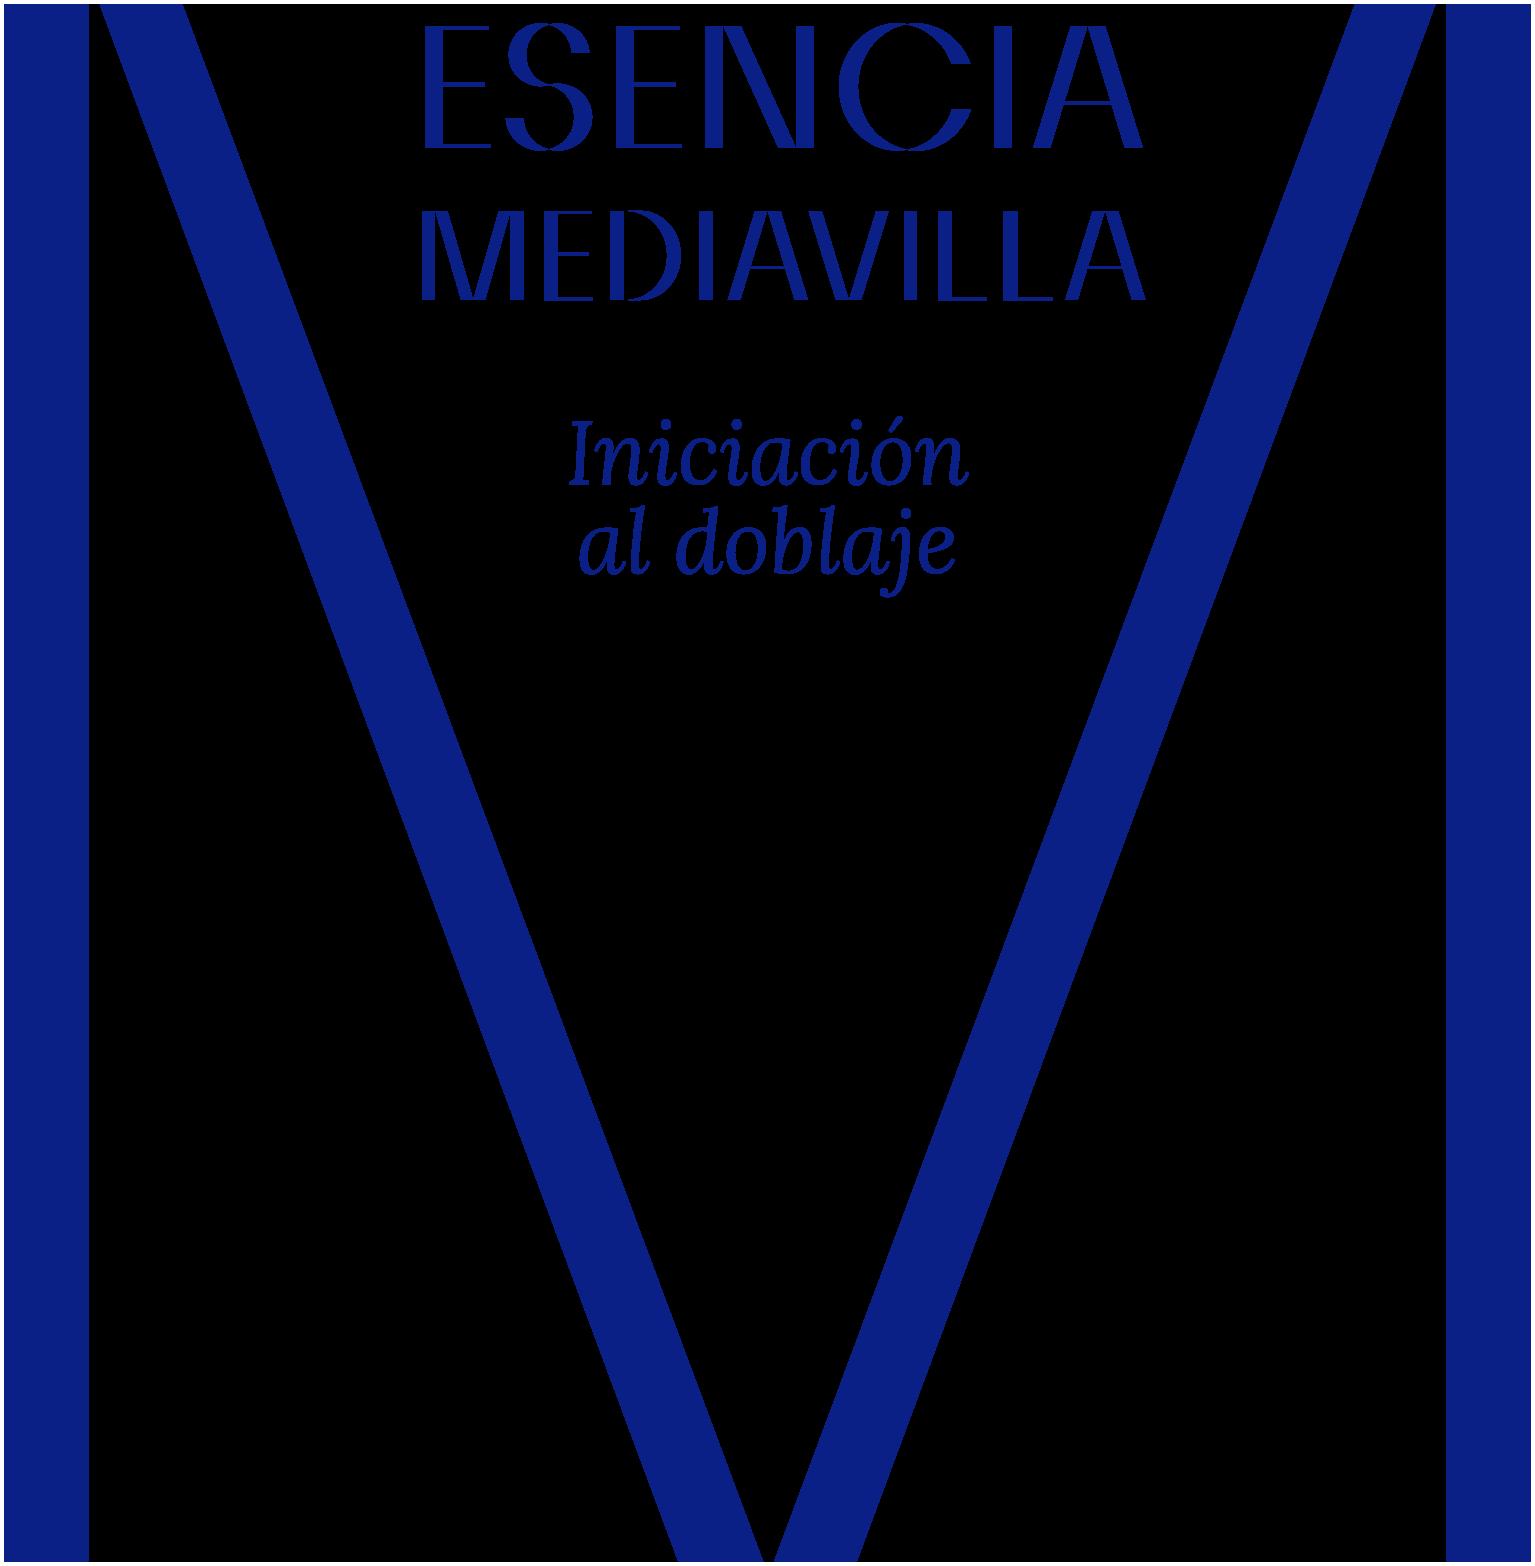 nuriamediavilla_esenciam